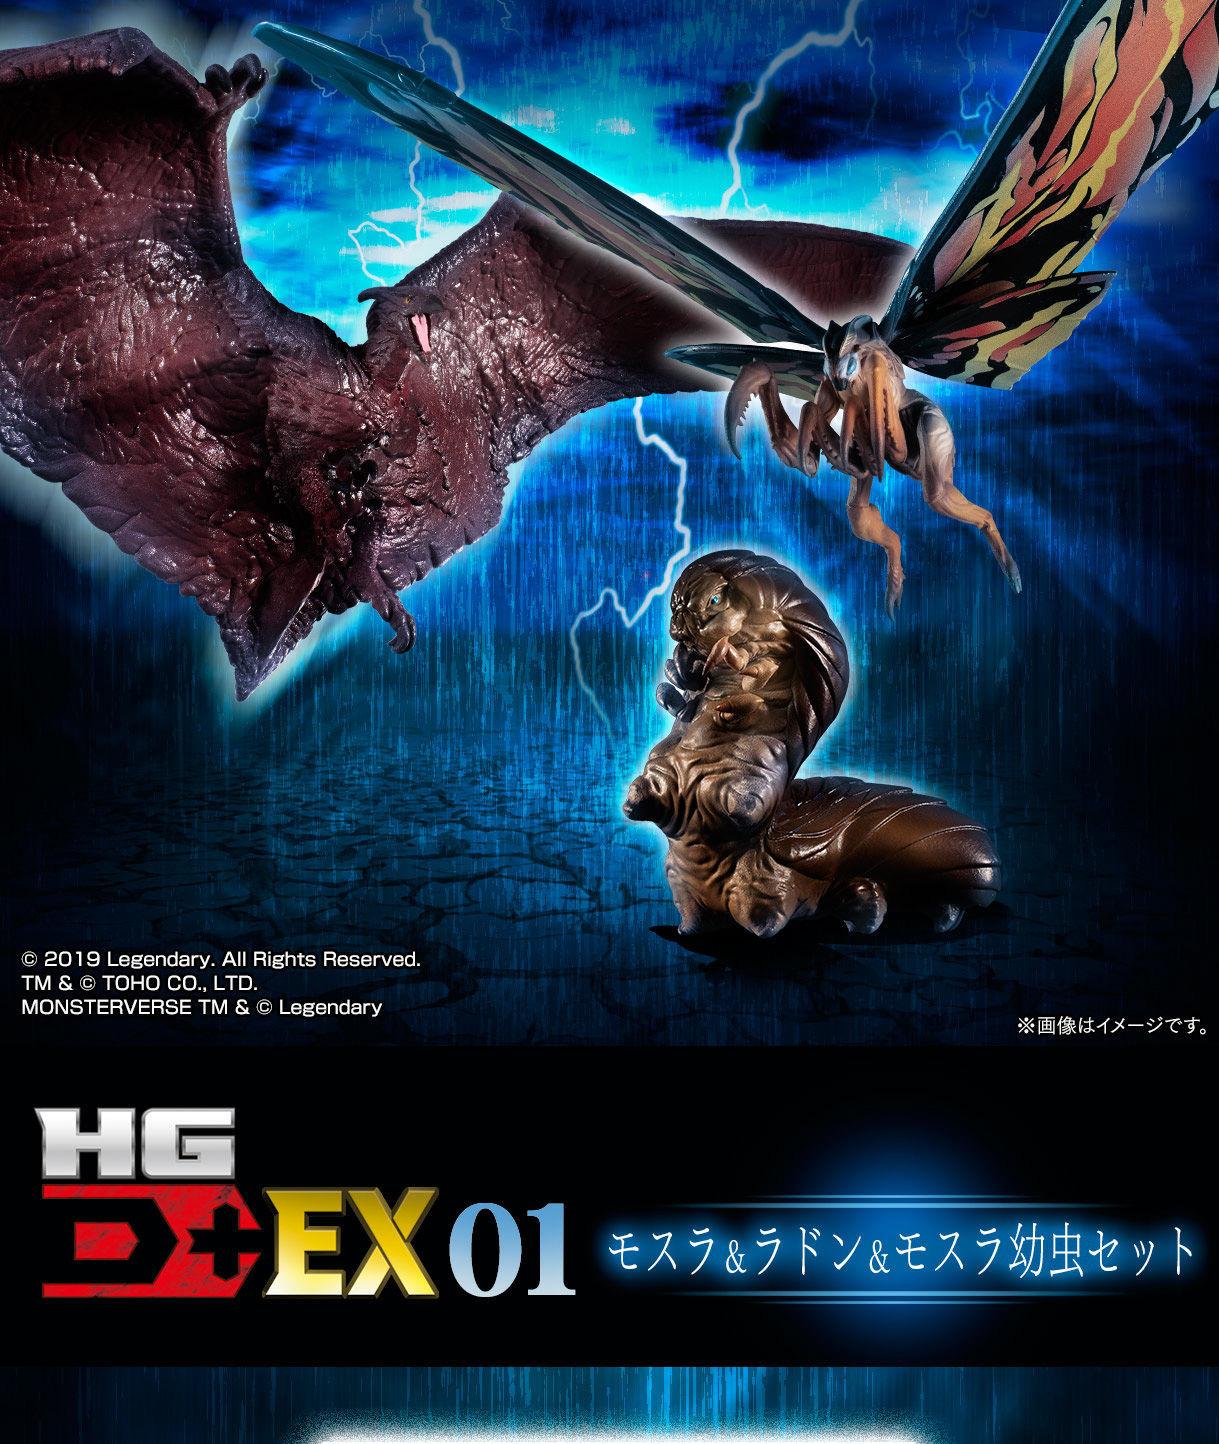 HG D_ EX01 モスラ&ラドン&モスラ幼虫セット01